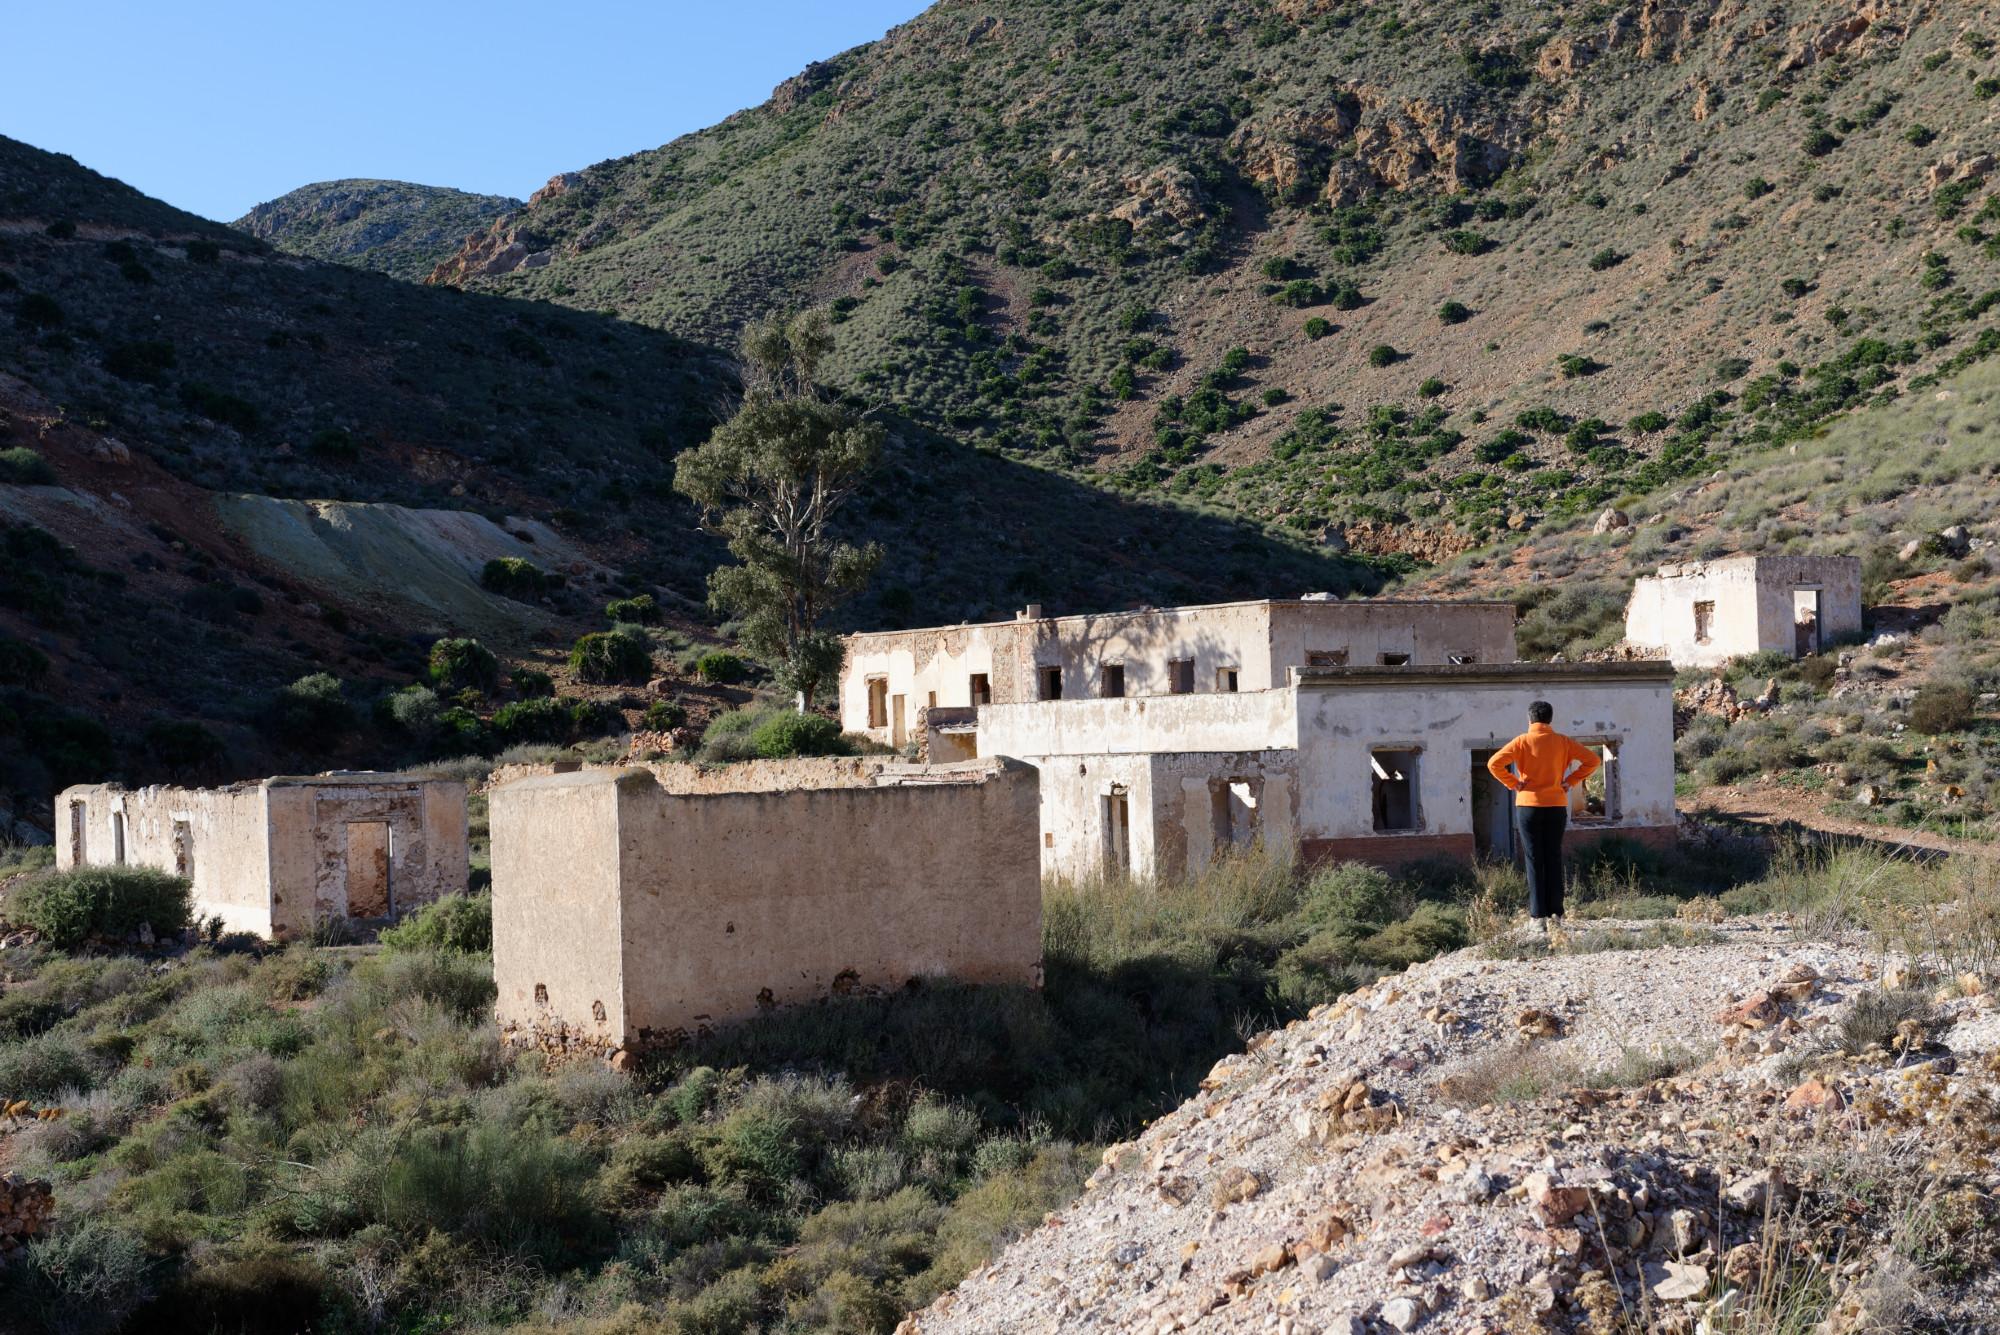 171218-Piste Rodalquilar vers Cortijo del Fraile (Cabo de Gata-Andalousie) (22)